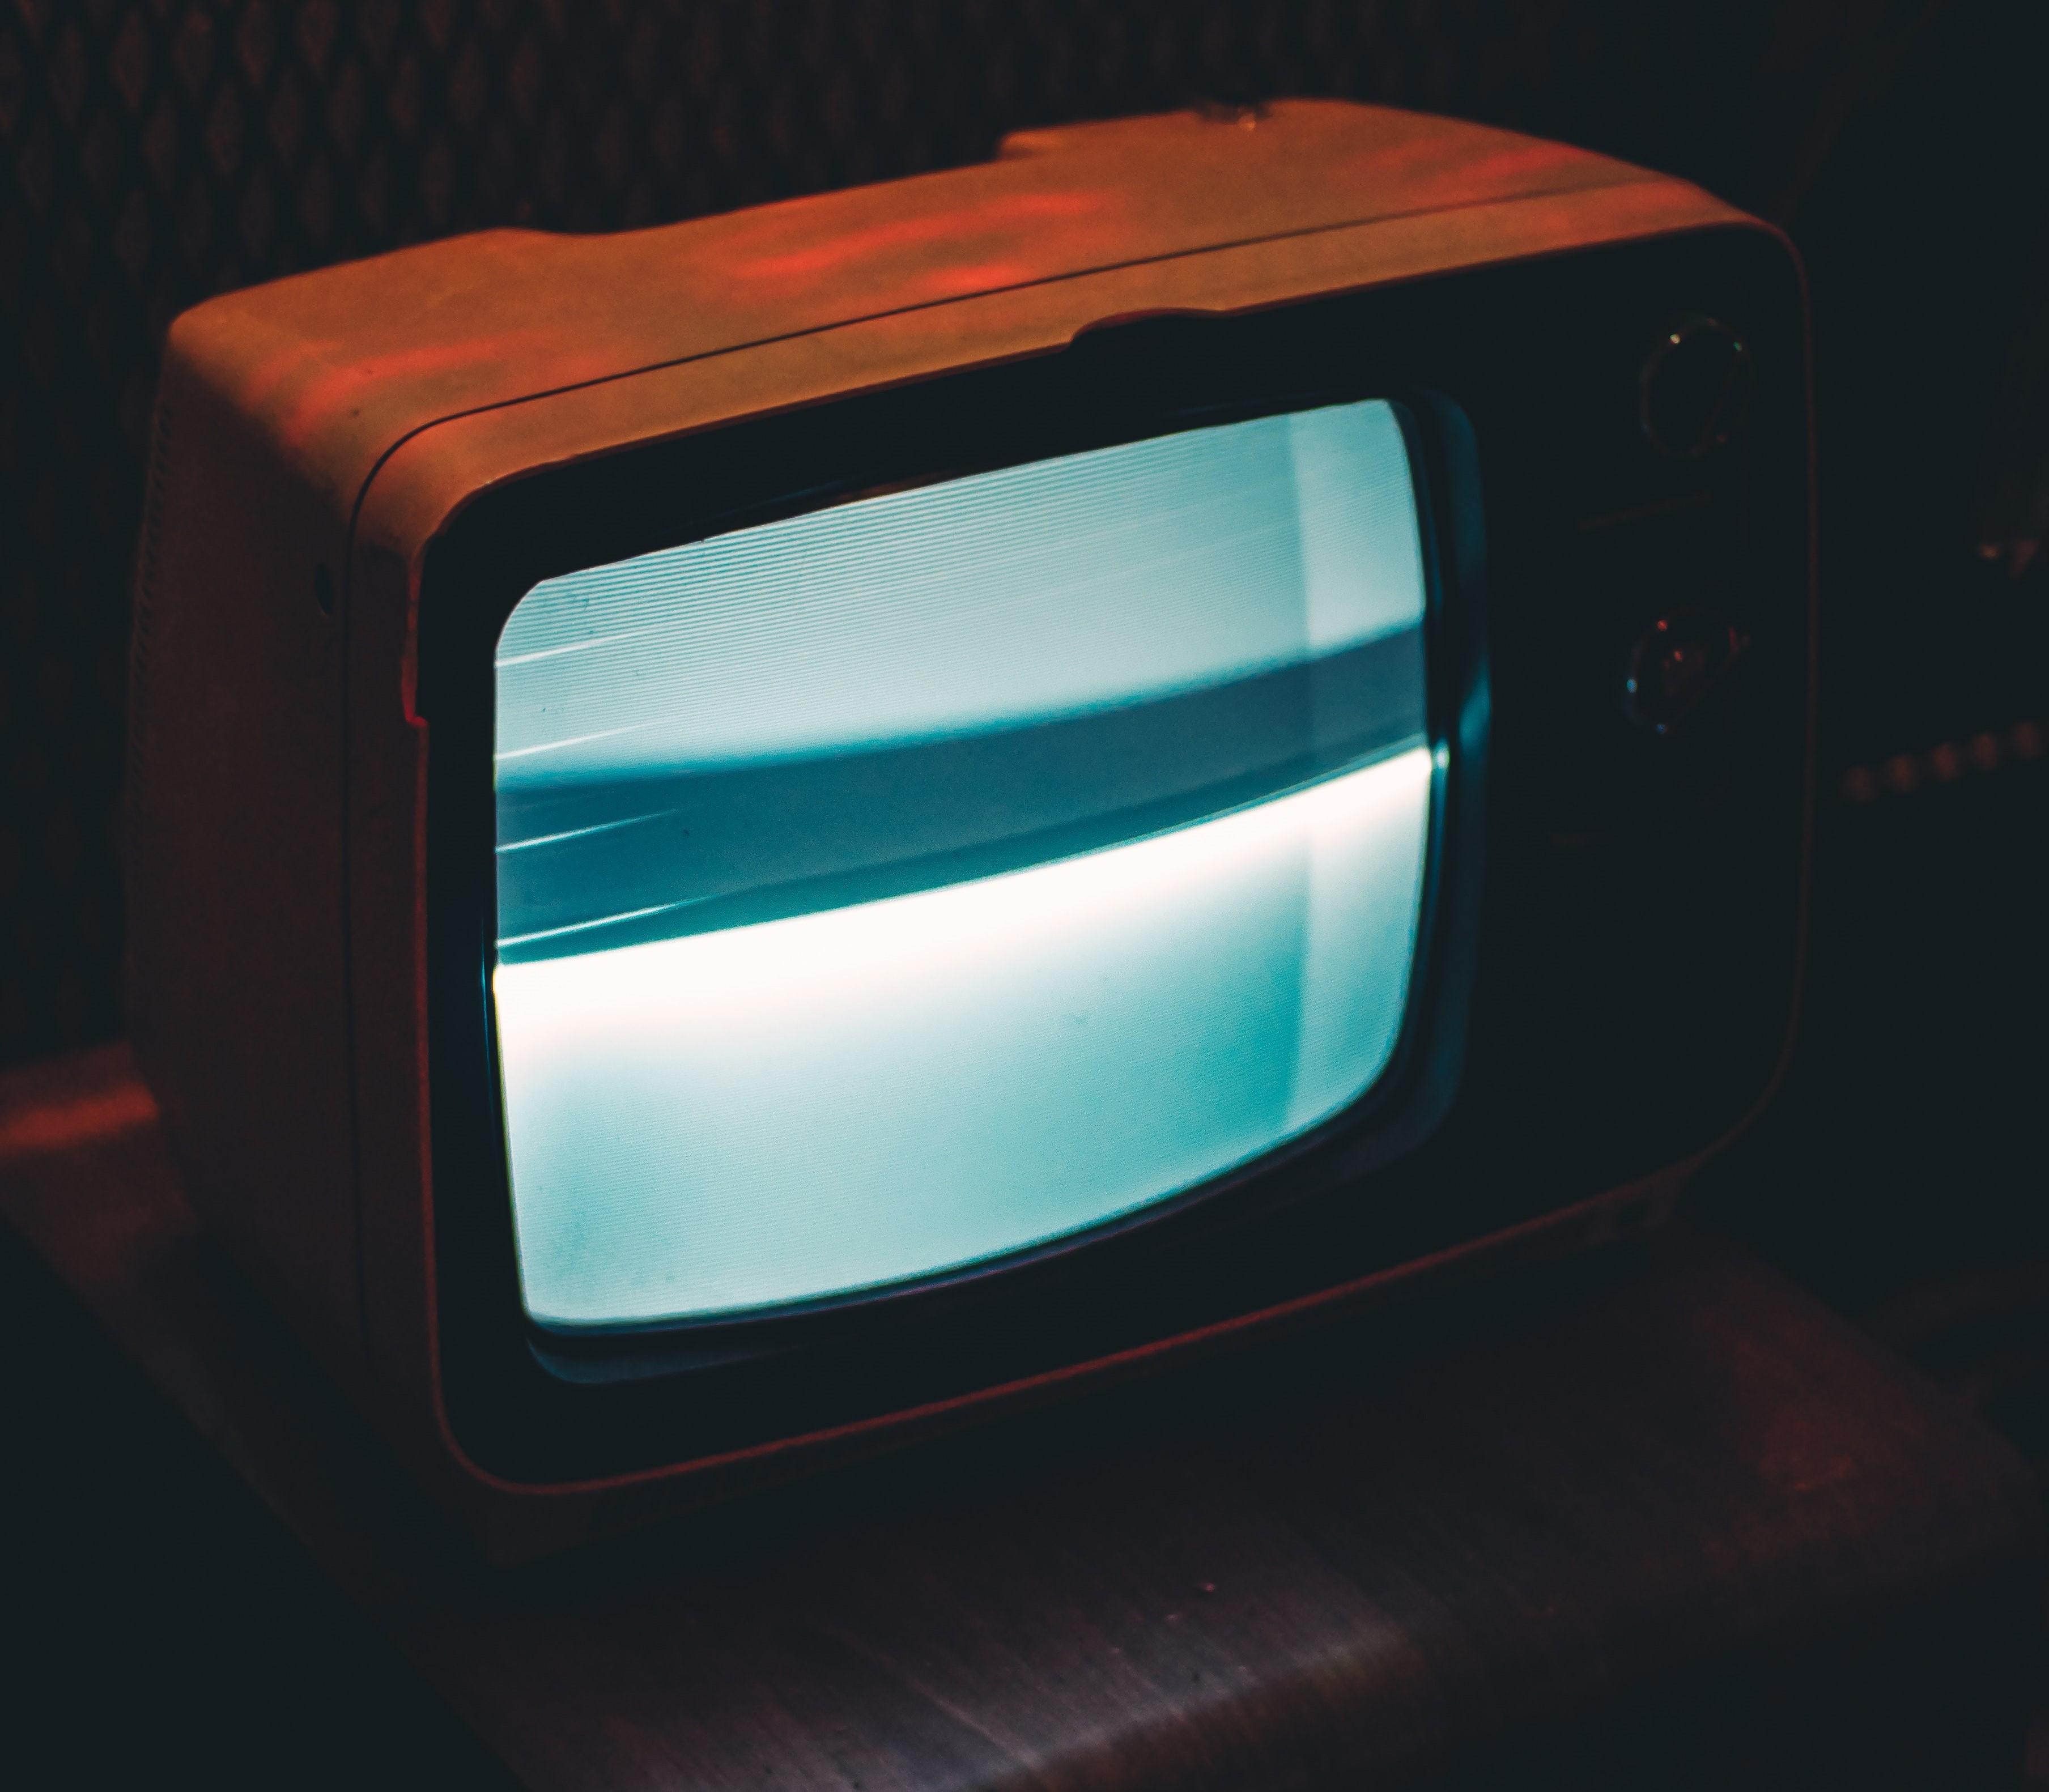 🚦 Полиция Днепра «накрыла» провайдера «Горизонт» из-за жалобы StarLightMedia и 1+1 media